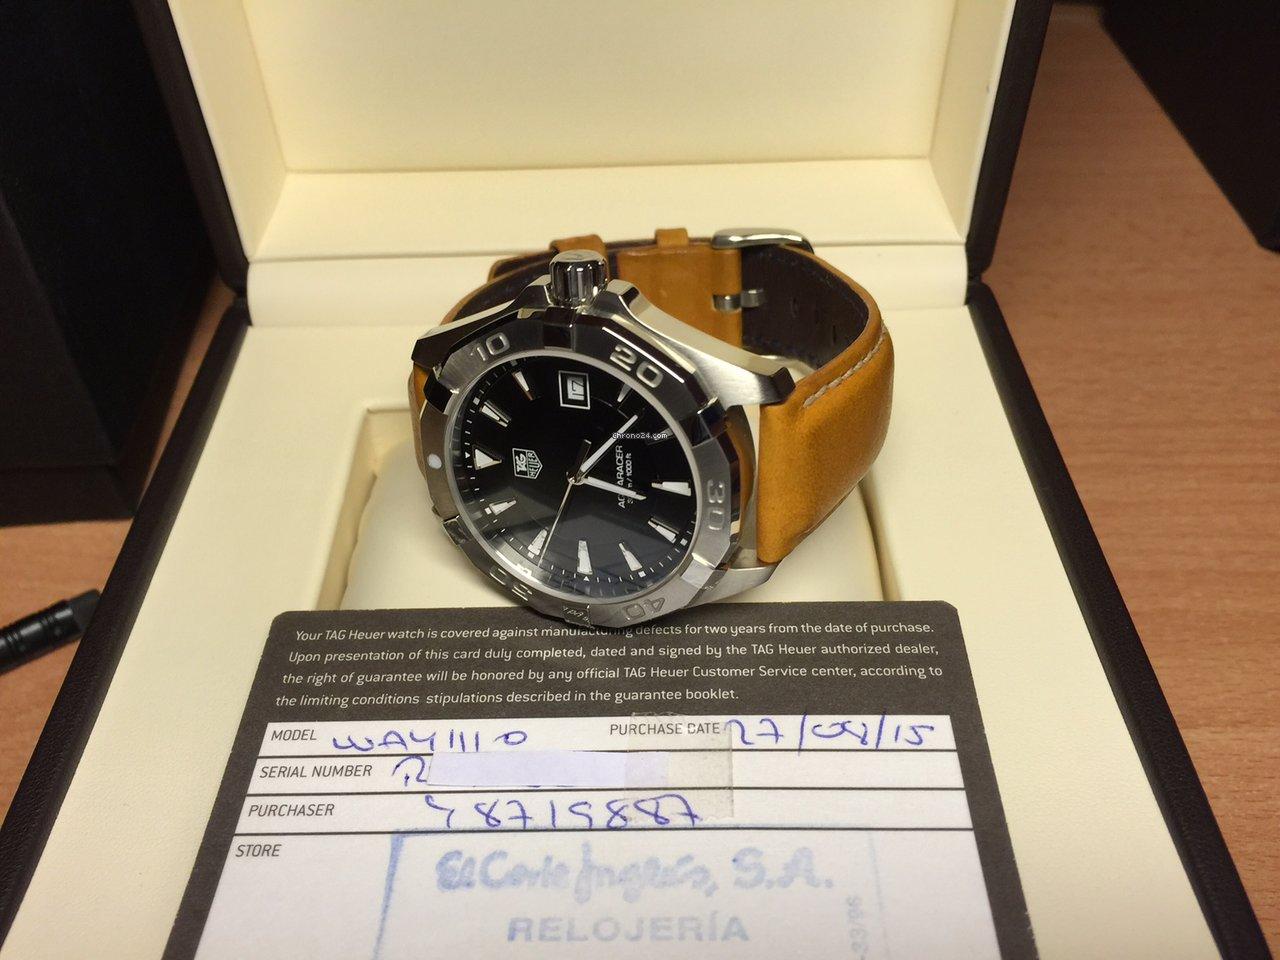 508f6cb981f3 Relojes TAG Heuer - Precios de todos los relojes TAG Heuer en Chrono24